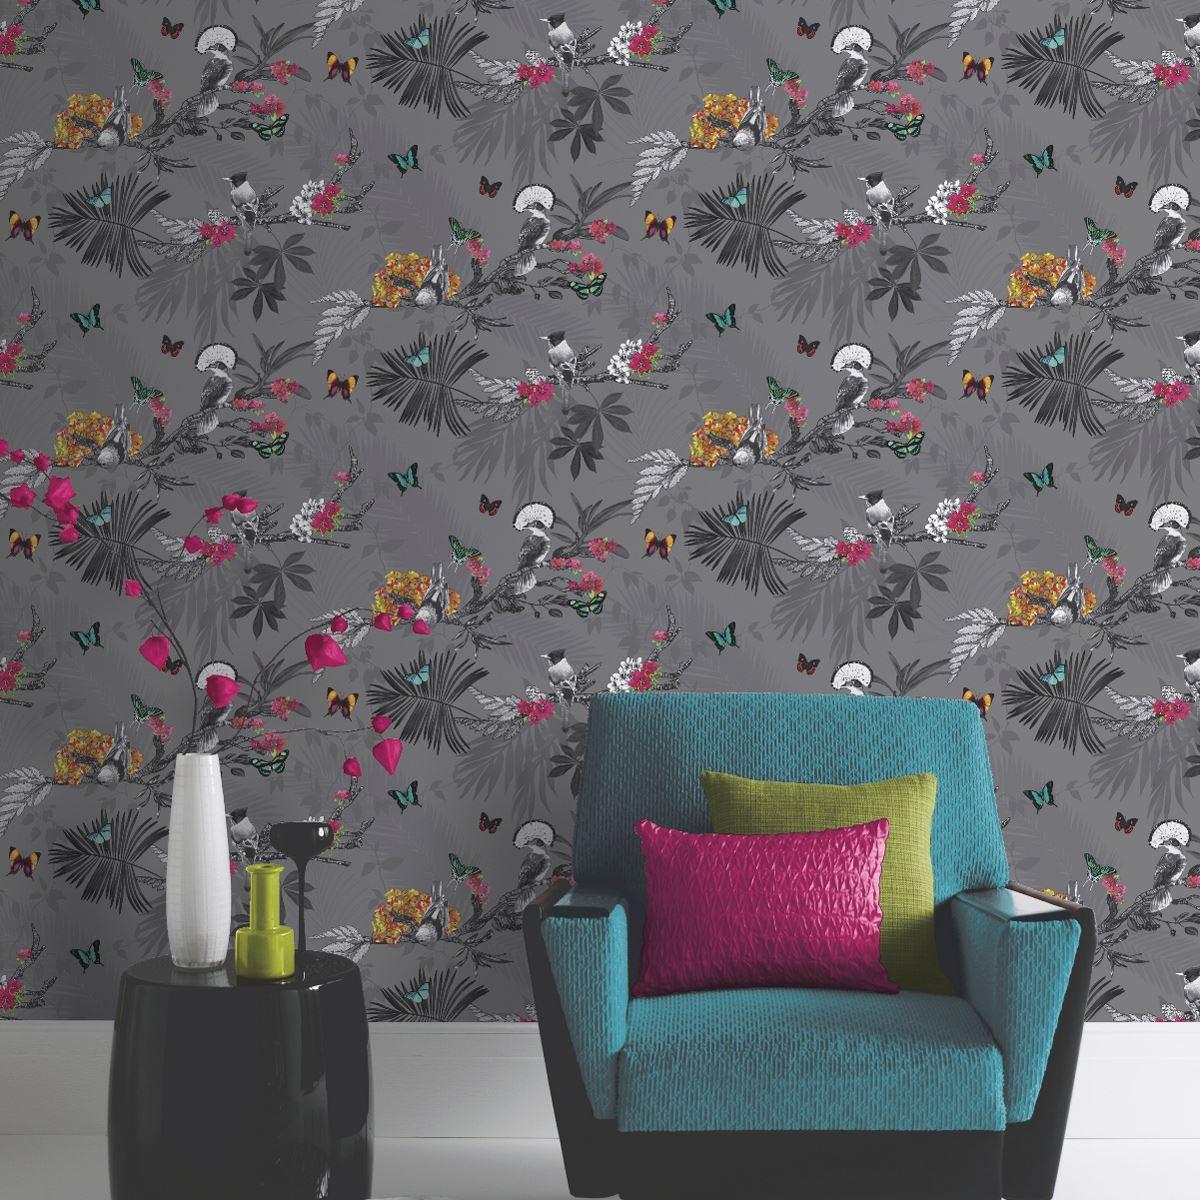 Exotique Tropical Flamant Rose Paon Perroquet Nature Oiseaux Papier Peint